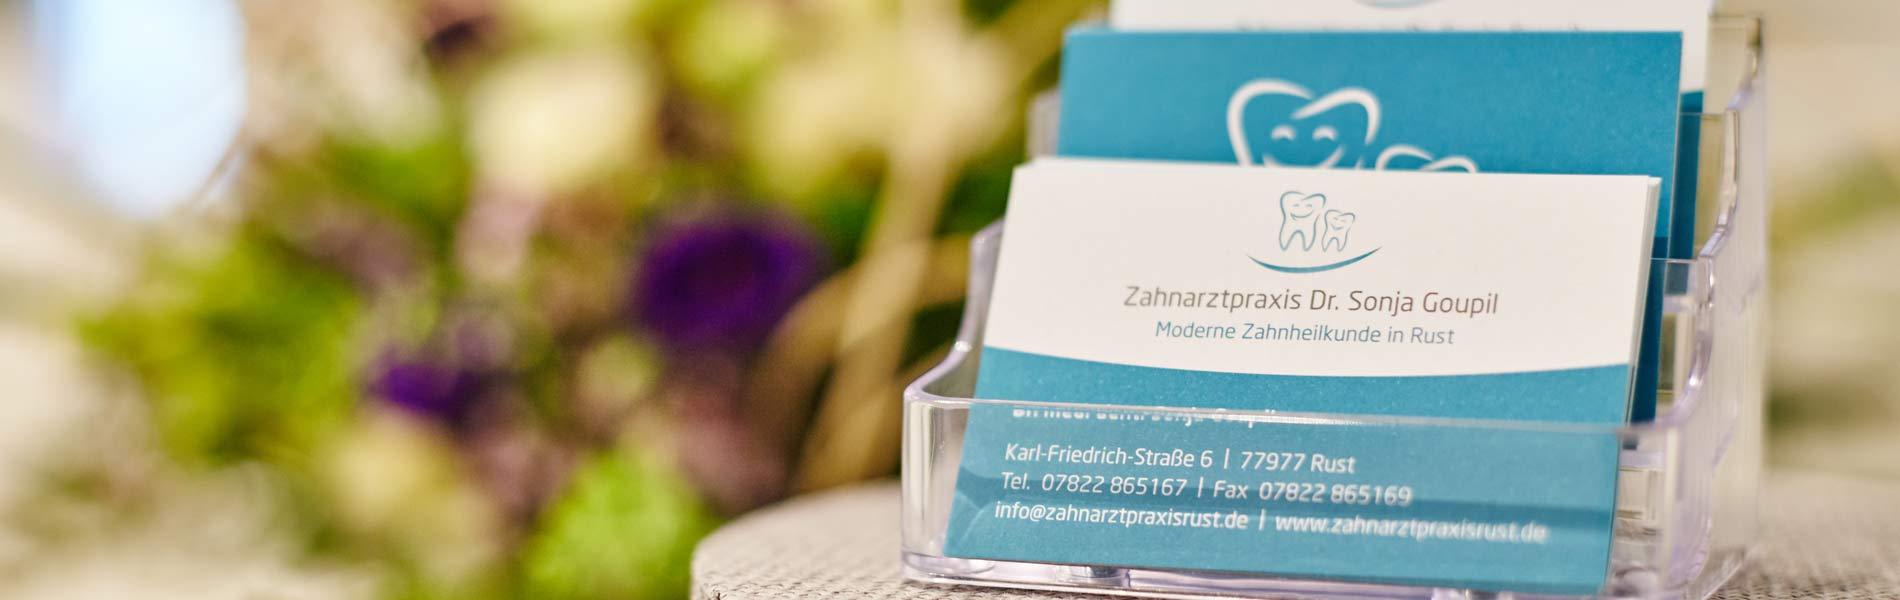 Zahnarztpraxis Dr. Sonja Goupil - Datenschutzerklärung 1